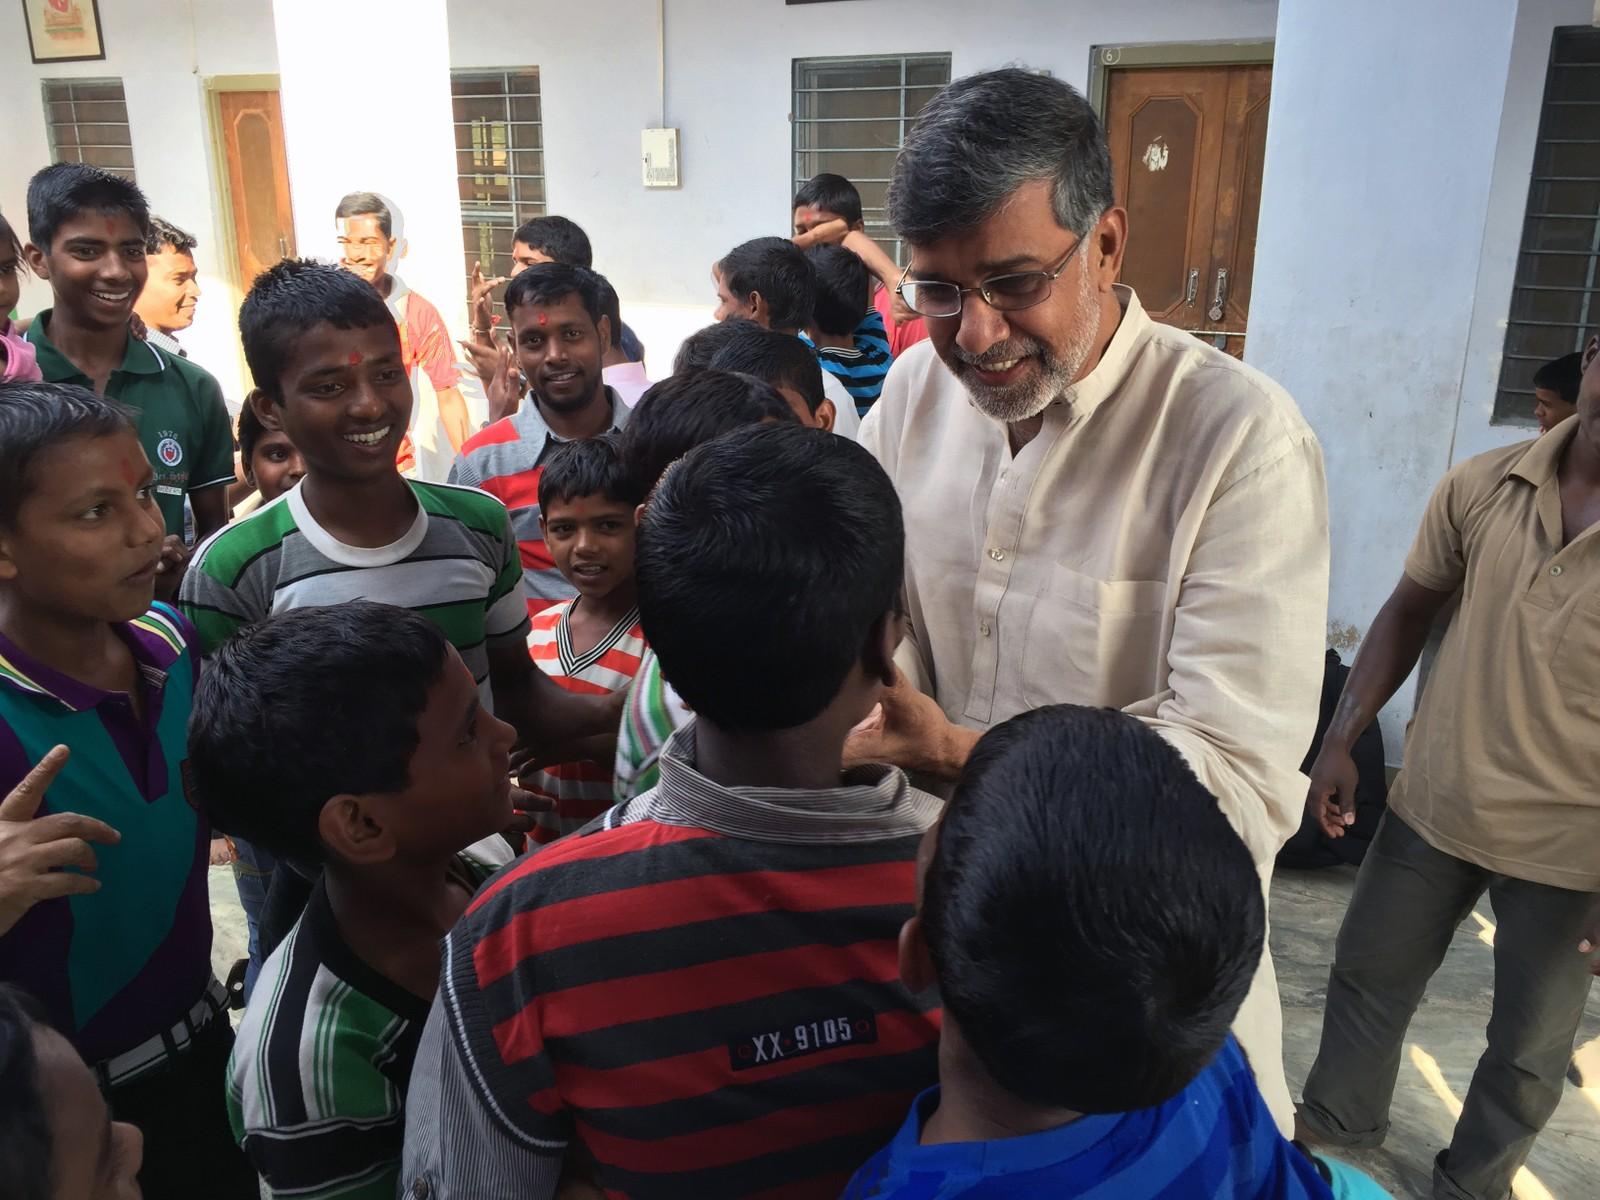 Det var en fattig skomakersønn som vekket Kailash Satyarthis rettferdighetsans. Kailash syntes de voksne gav dårlige svar på hvorfor skomakergutten ikke kunne gå på skole sammen med ham selv og vennene, men måtte arbeide i stedet. Så han bestemte seg allerede som liten for å kjempe mot barnearbeid.